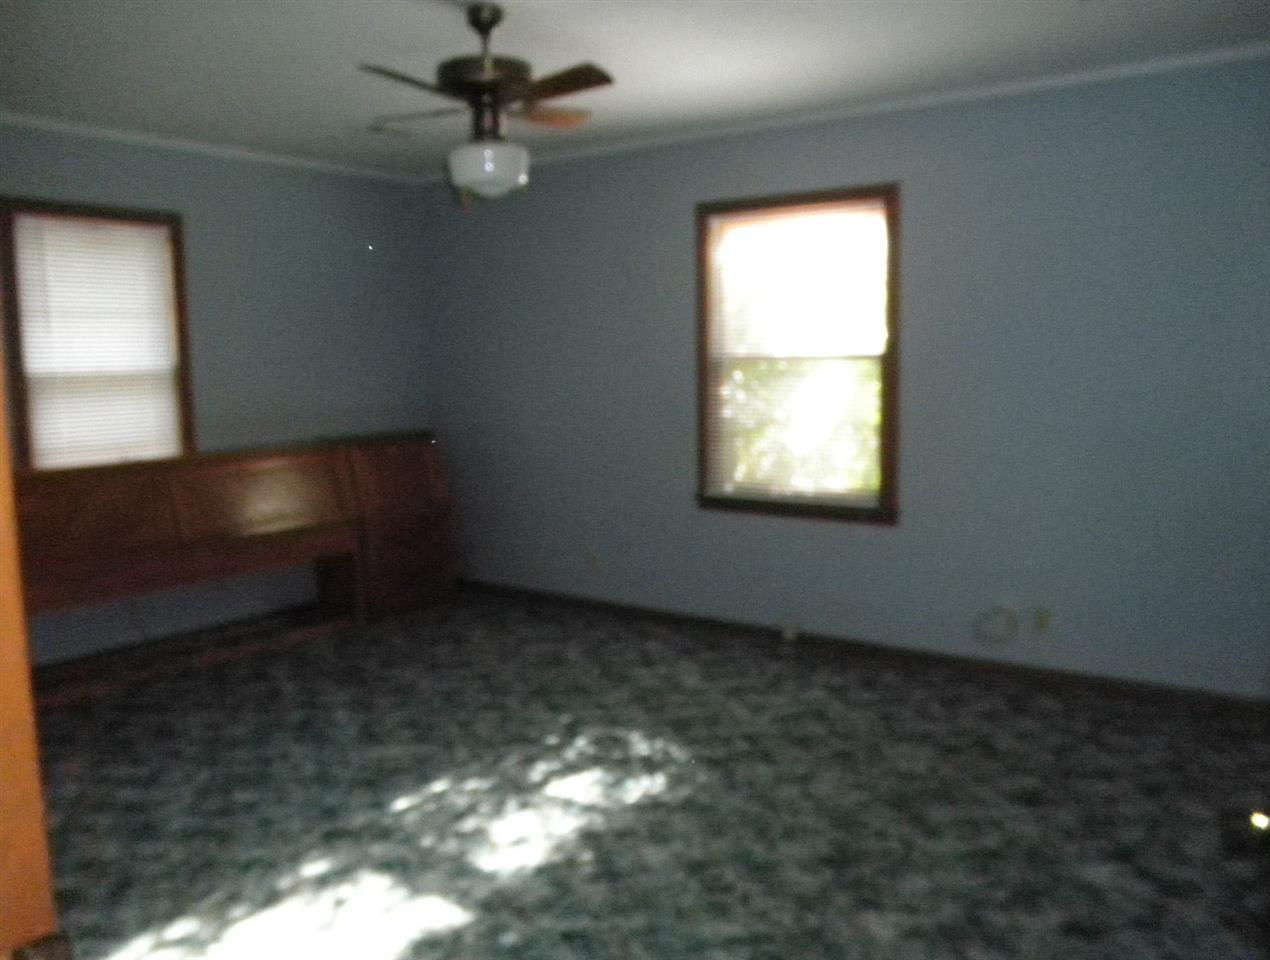 Sold Cross Sale W/ MLS | 1227 S Main  Blackwell, OK 74631 17